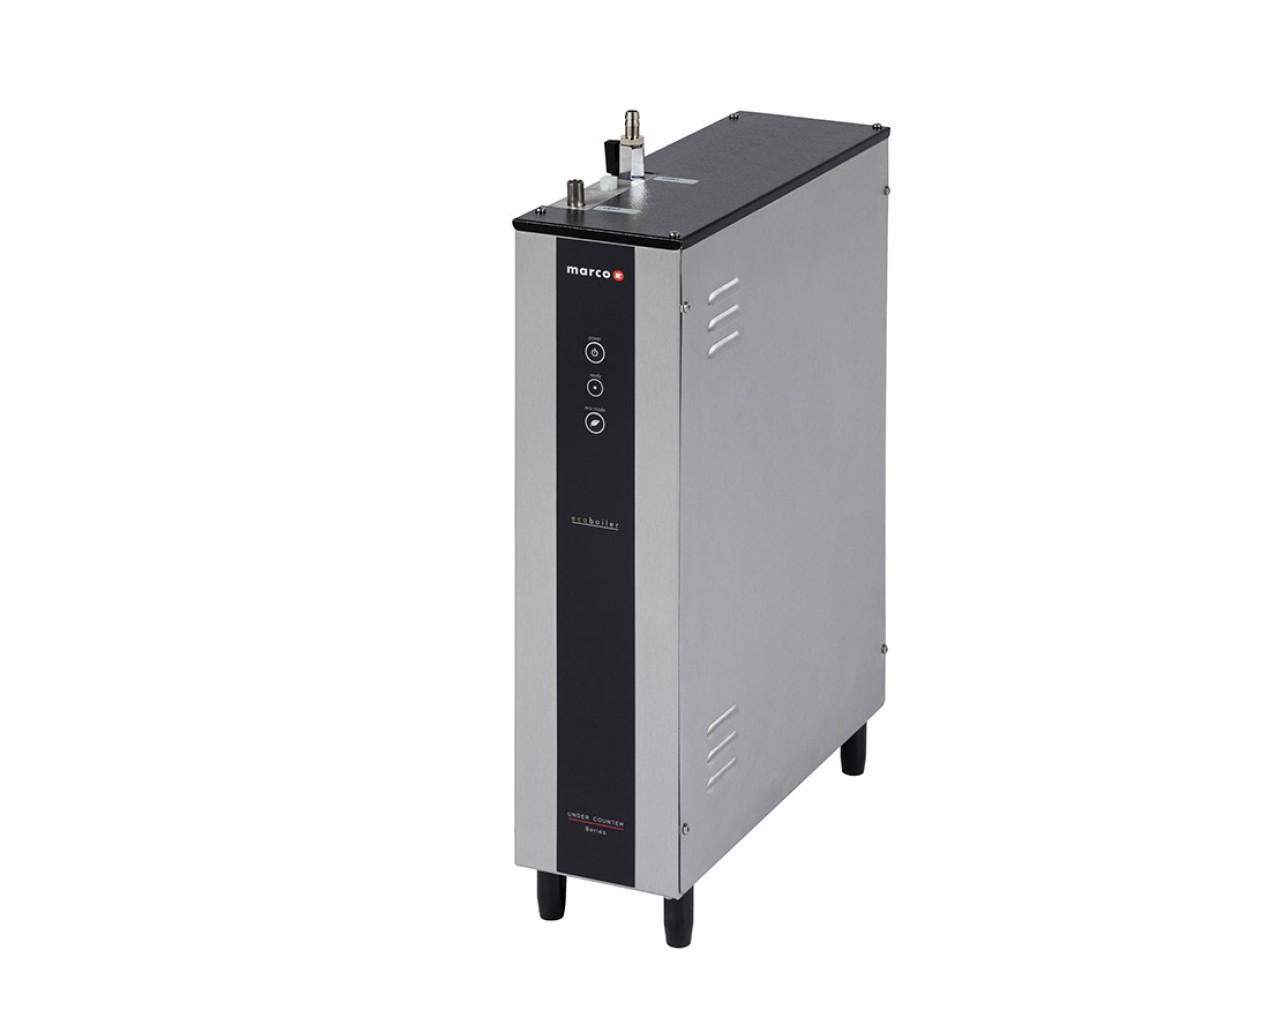 Eco Boiler UC4